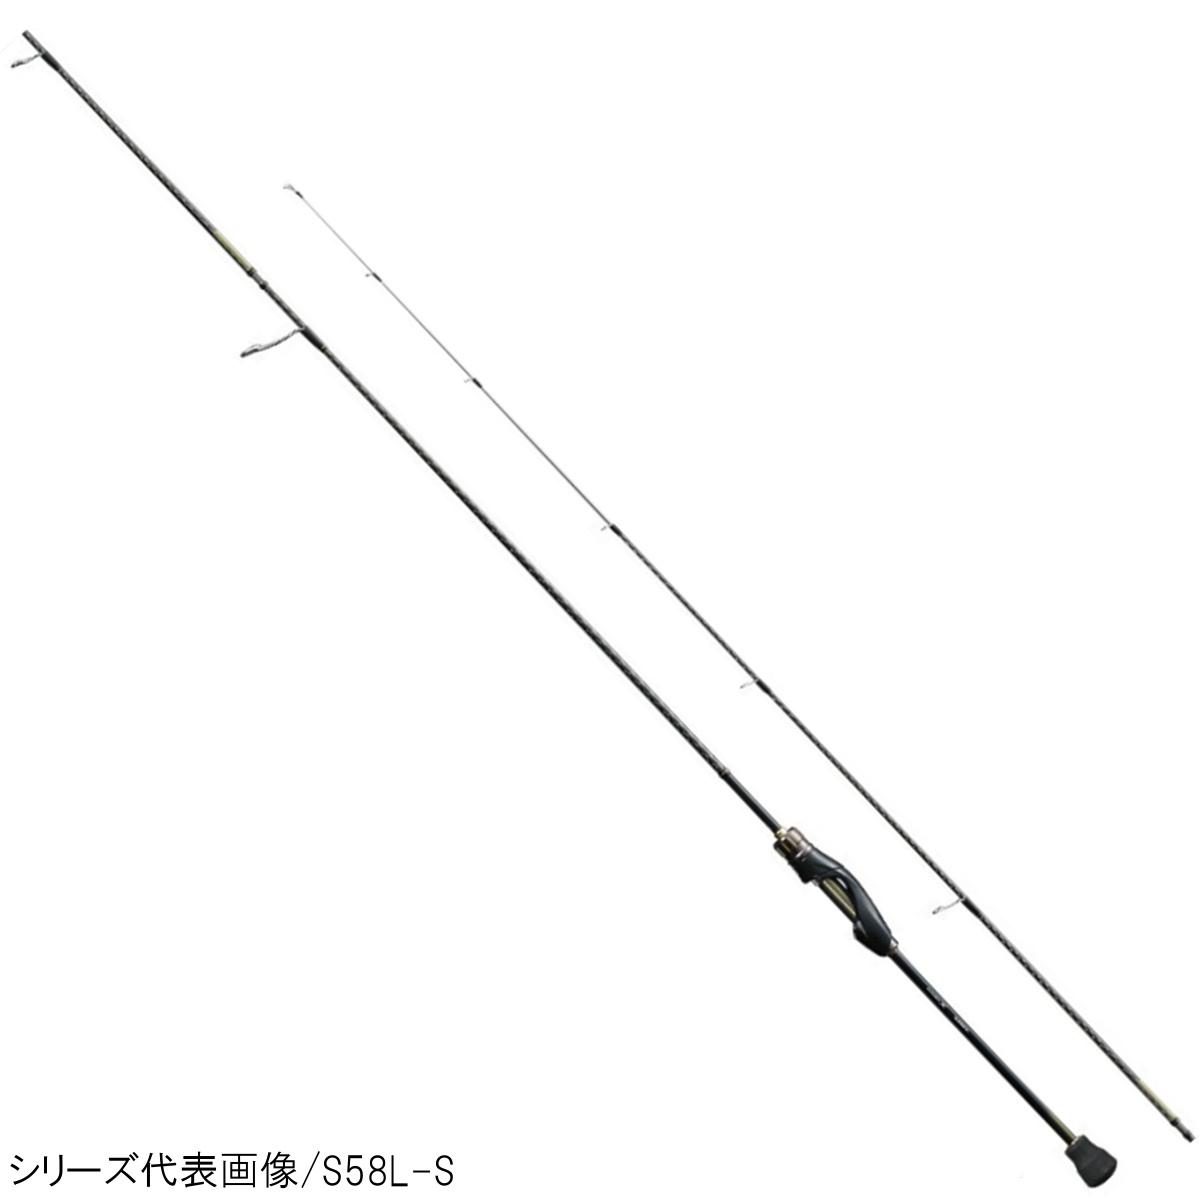 シマノ ソアレ SS アジング S64L-S【送料無料】